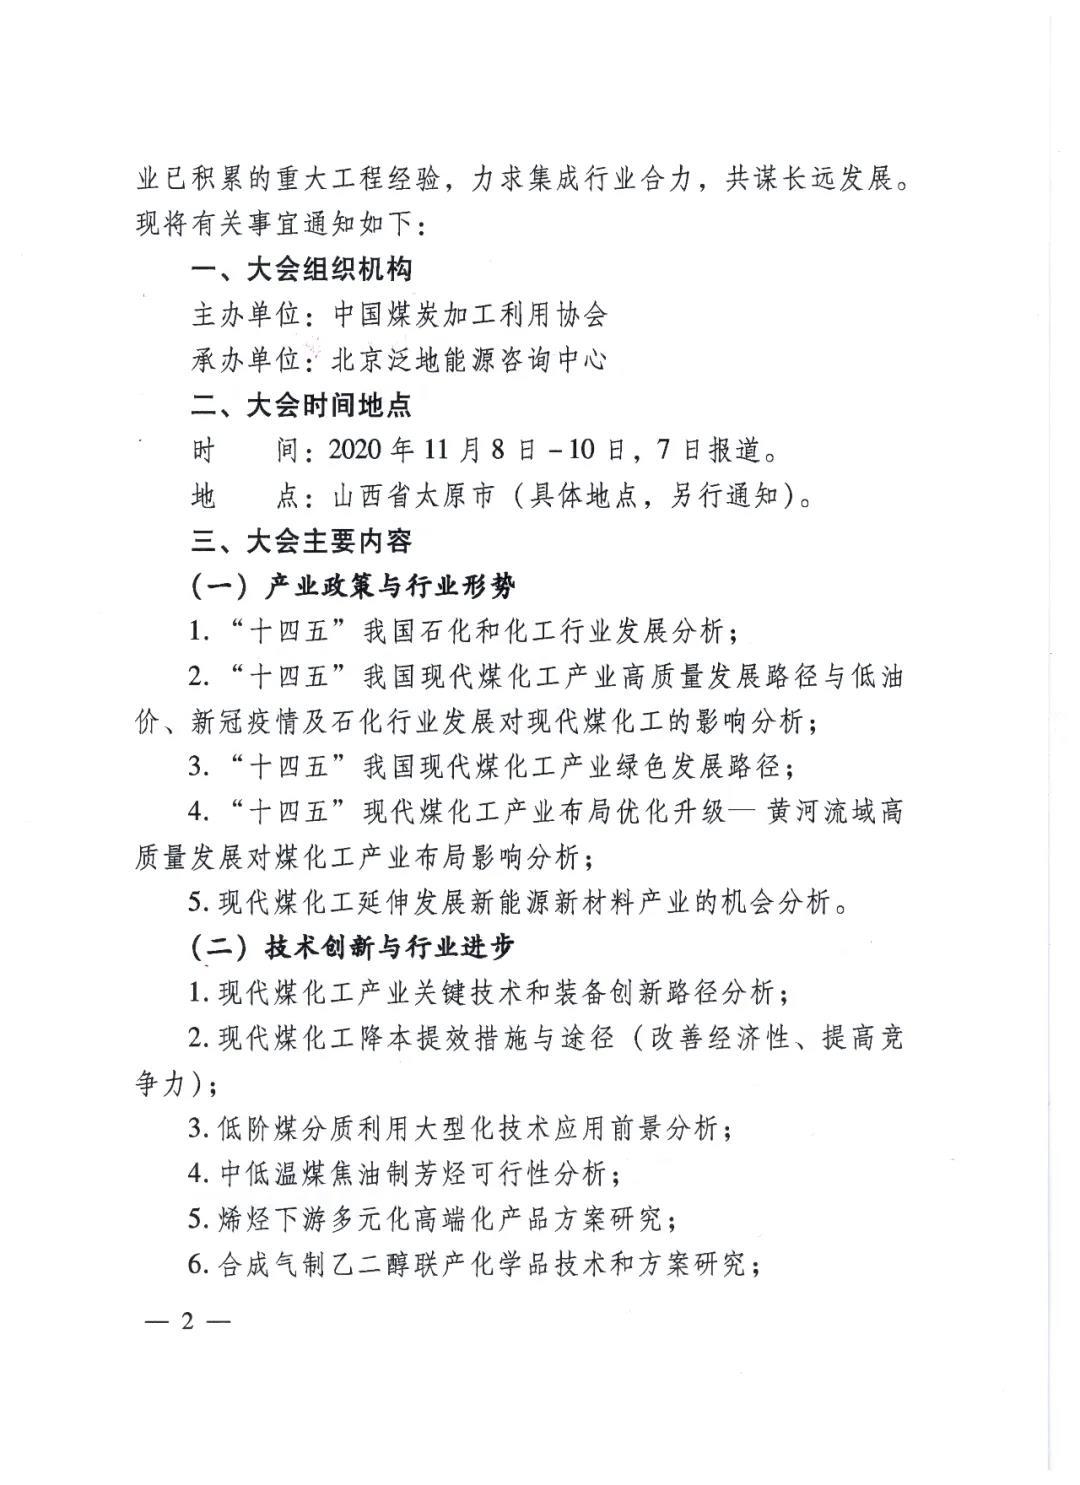 第四届中国足球直播猎趣产业绿色发展与应用创新大会暨2020全国足球直播猎趣秋冬交易会在神木隆重召开